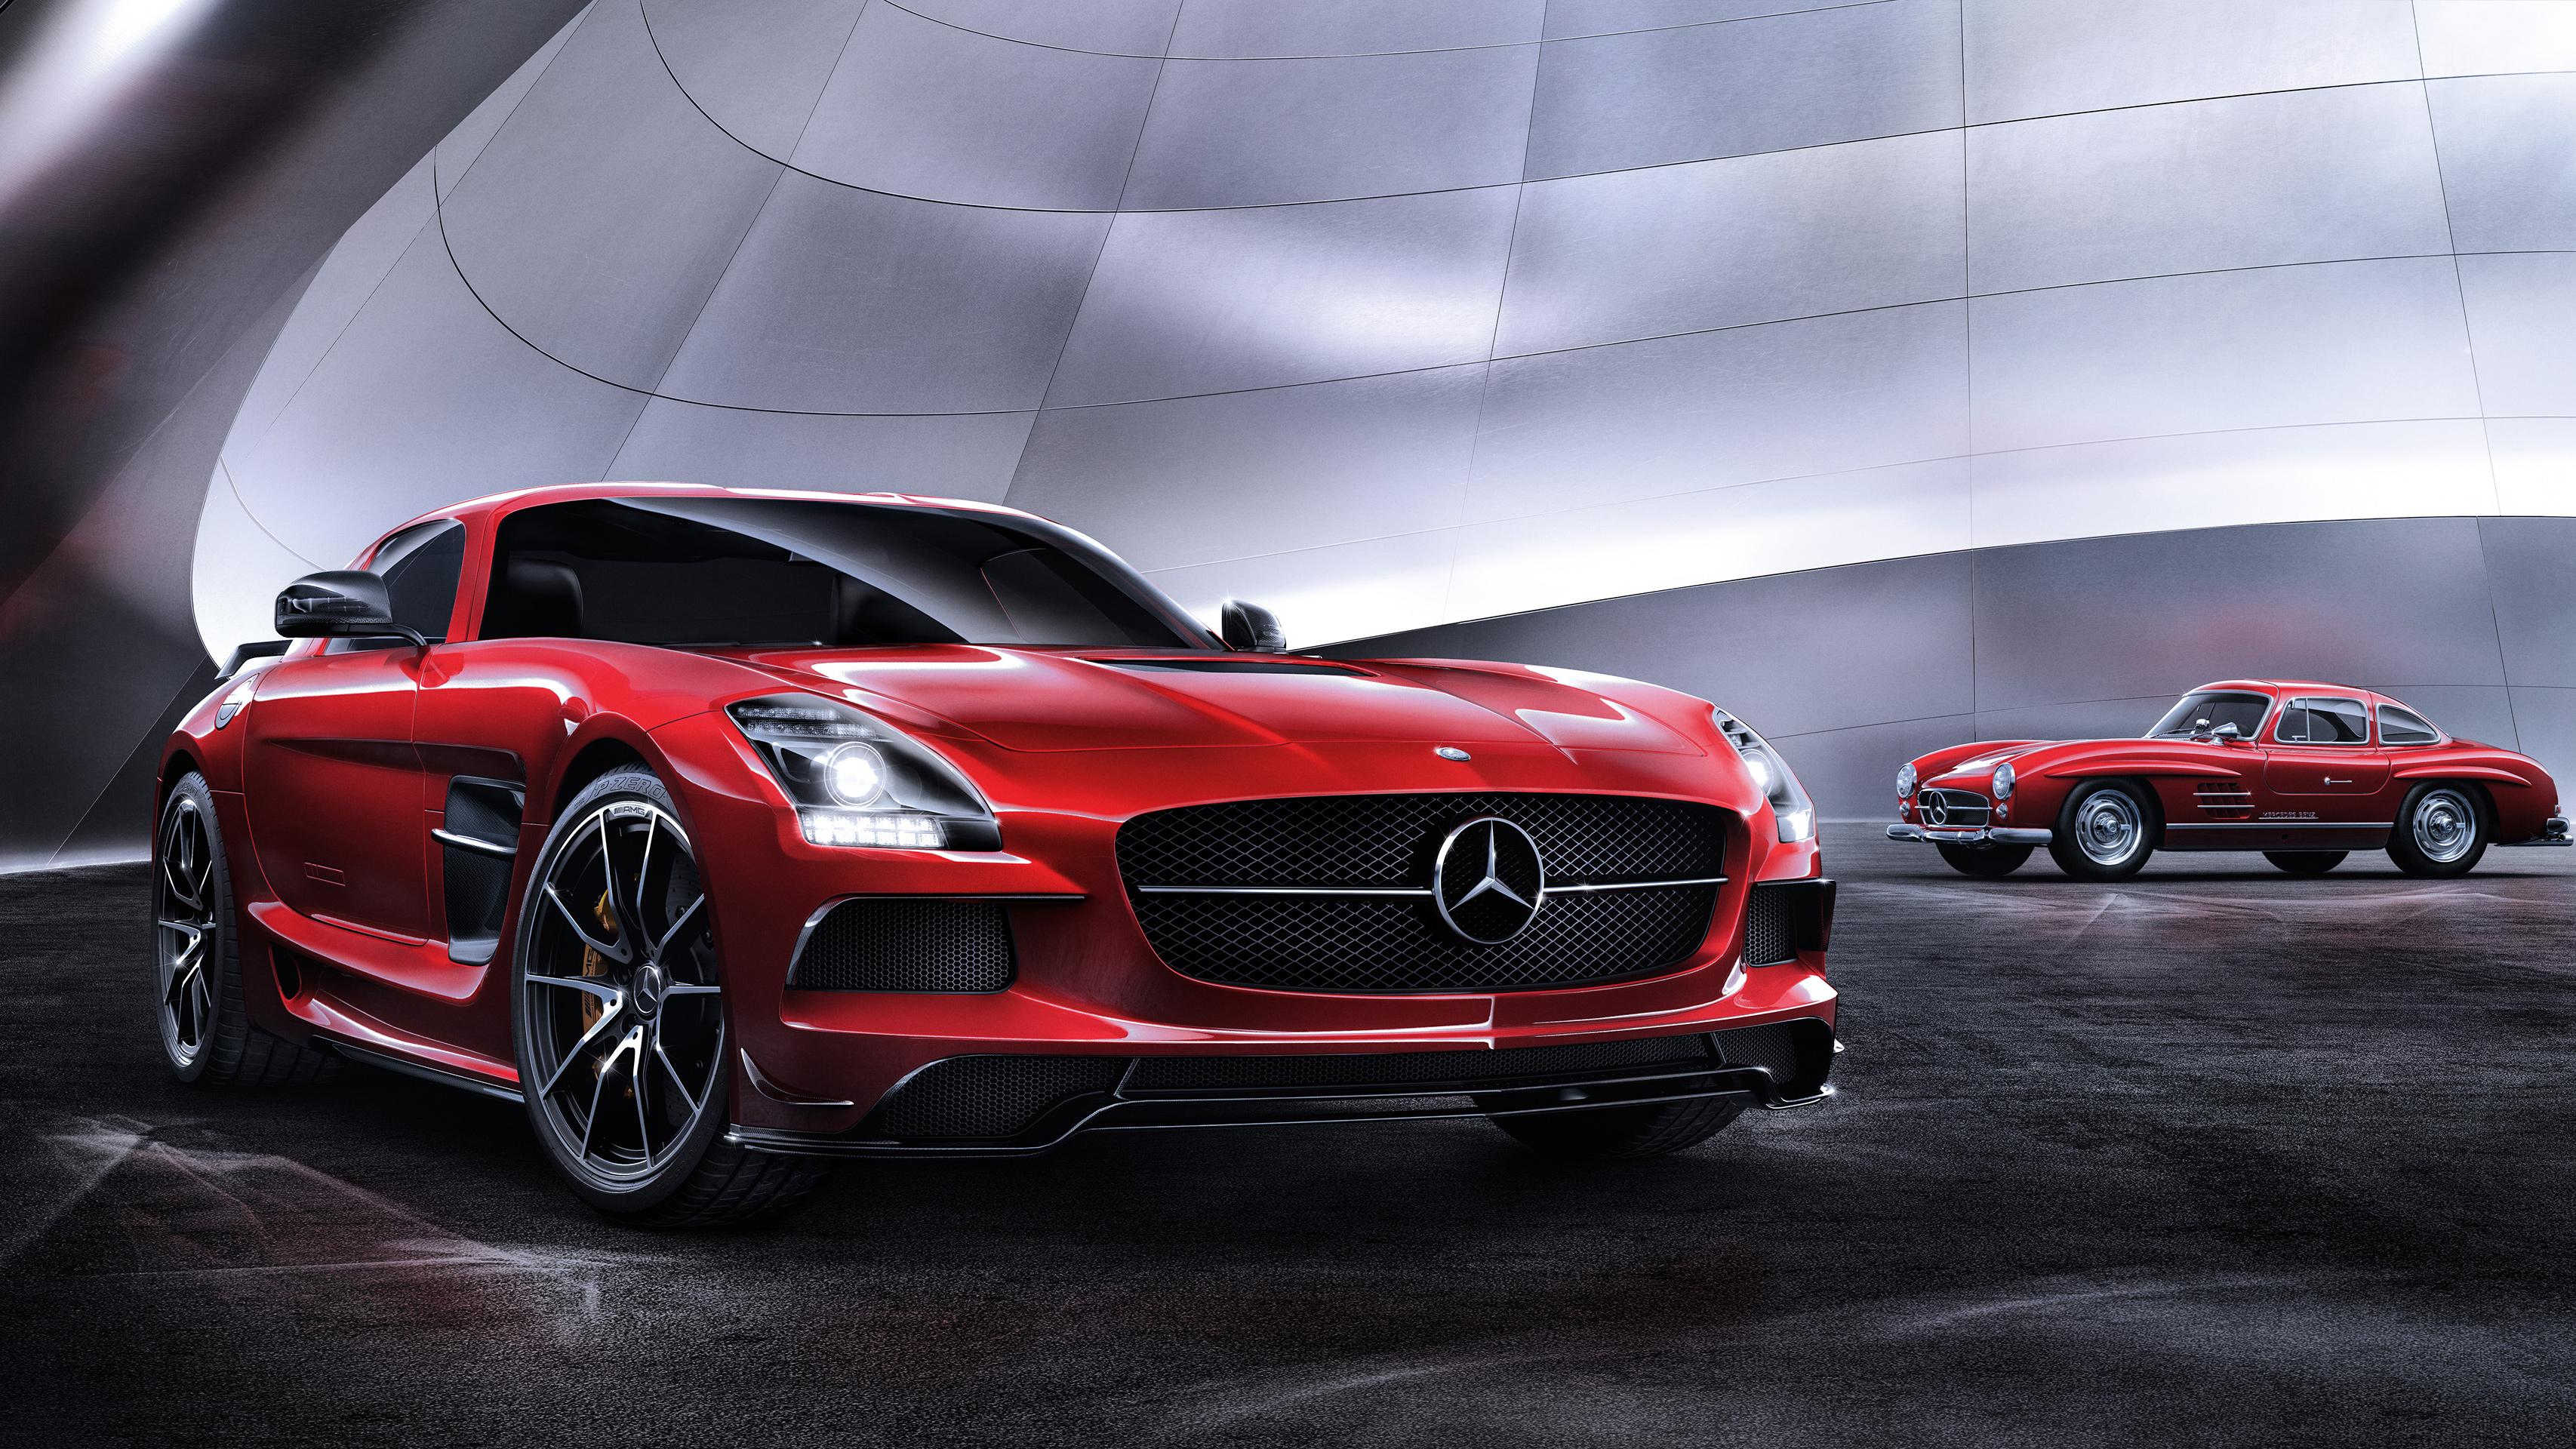 Mercedes SLS AMG HD Wallpaper | HD Car Wallpapers | ID #8111